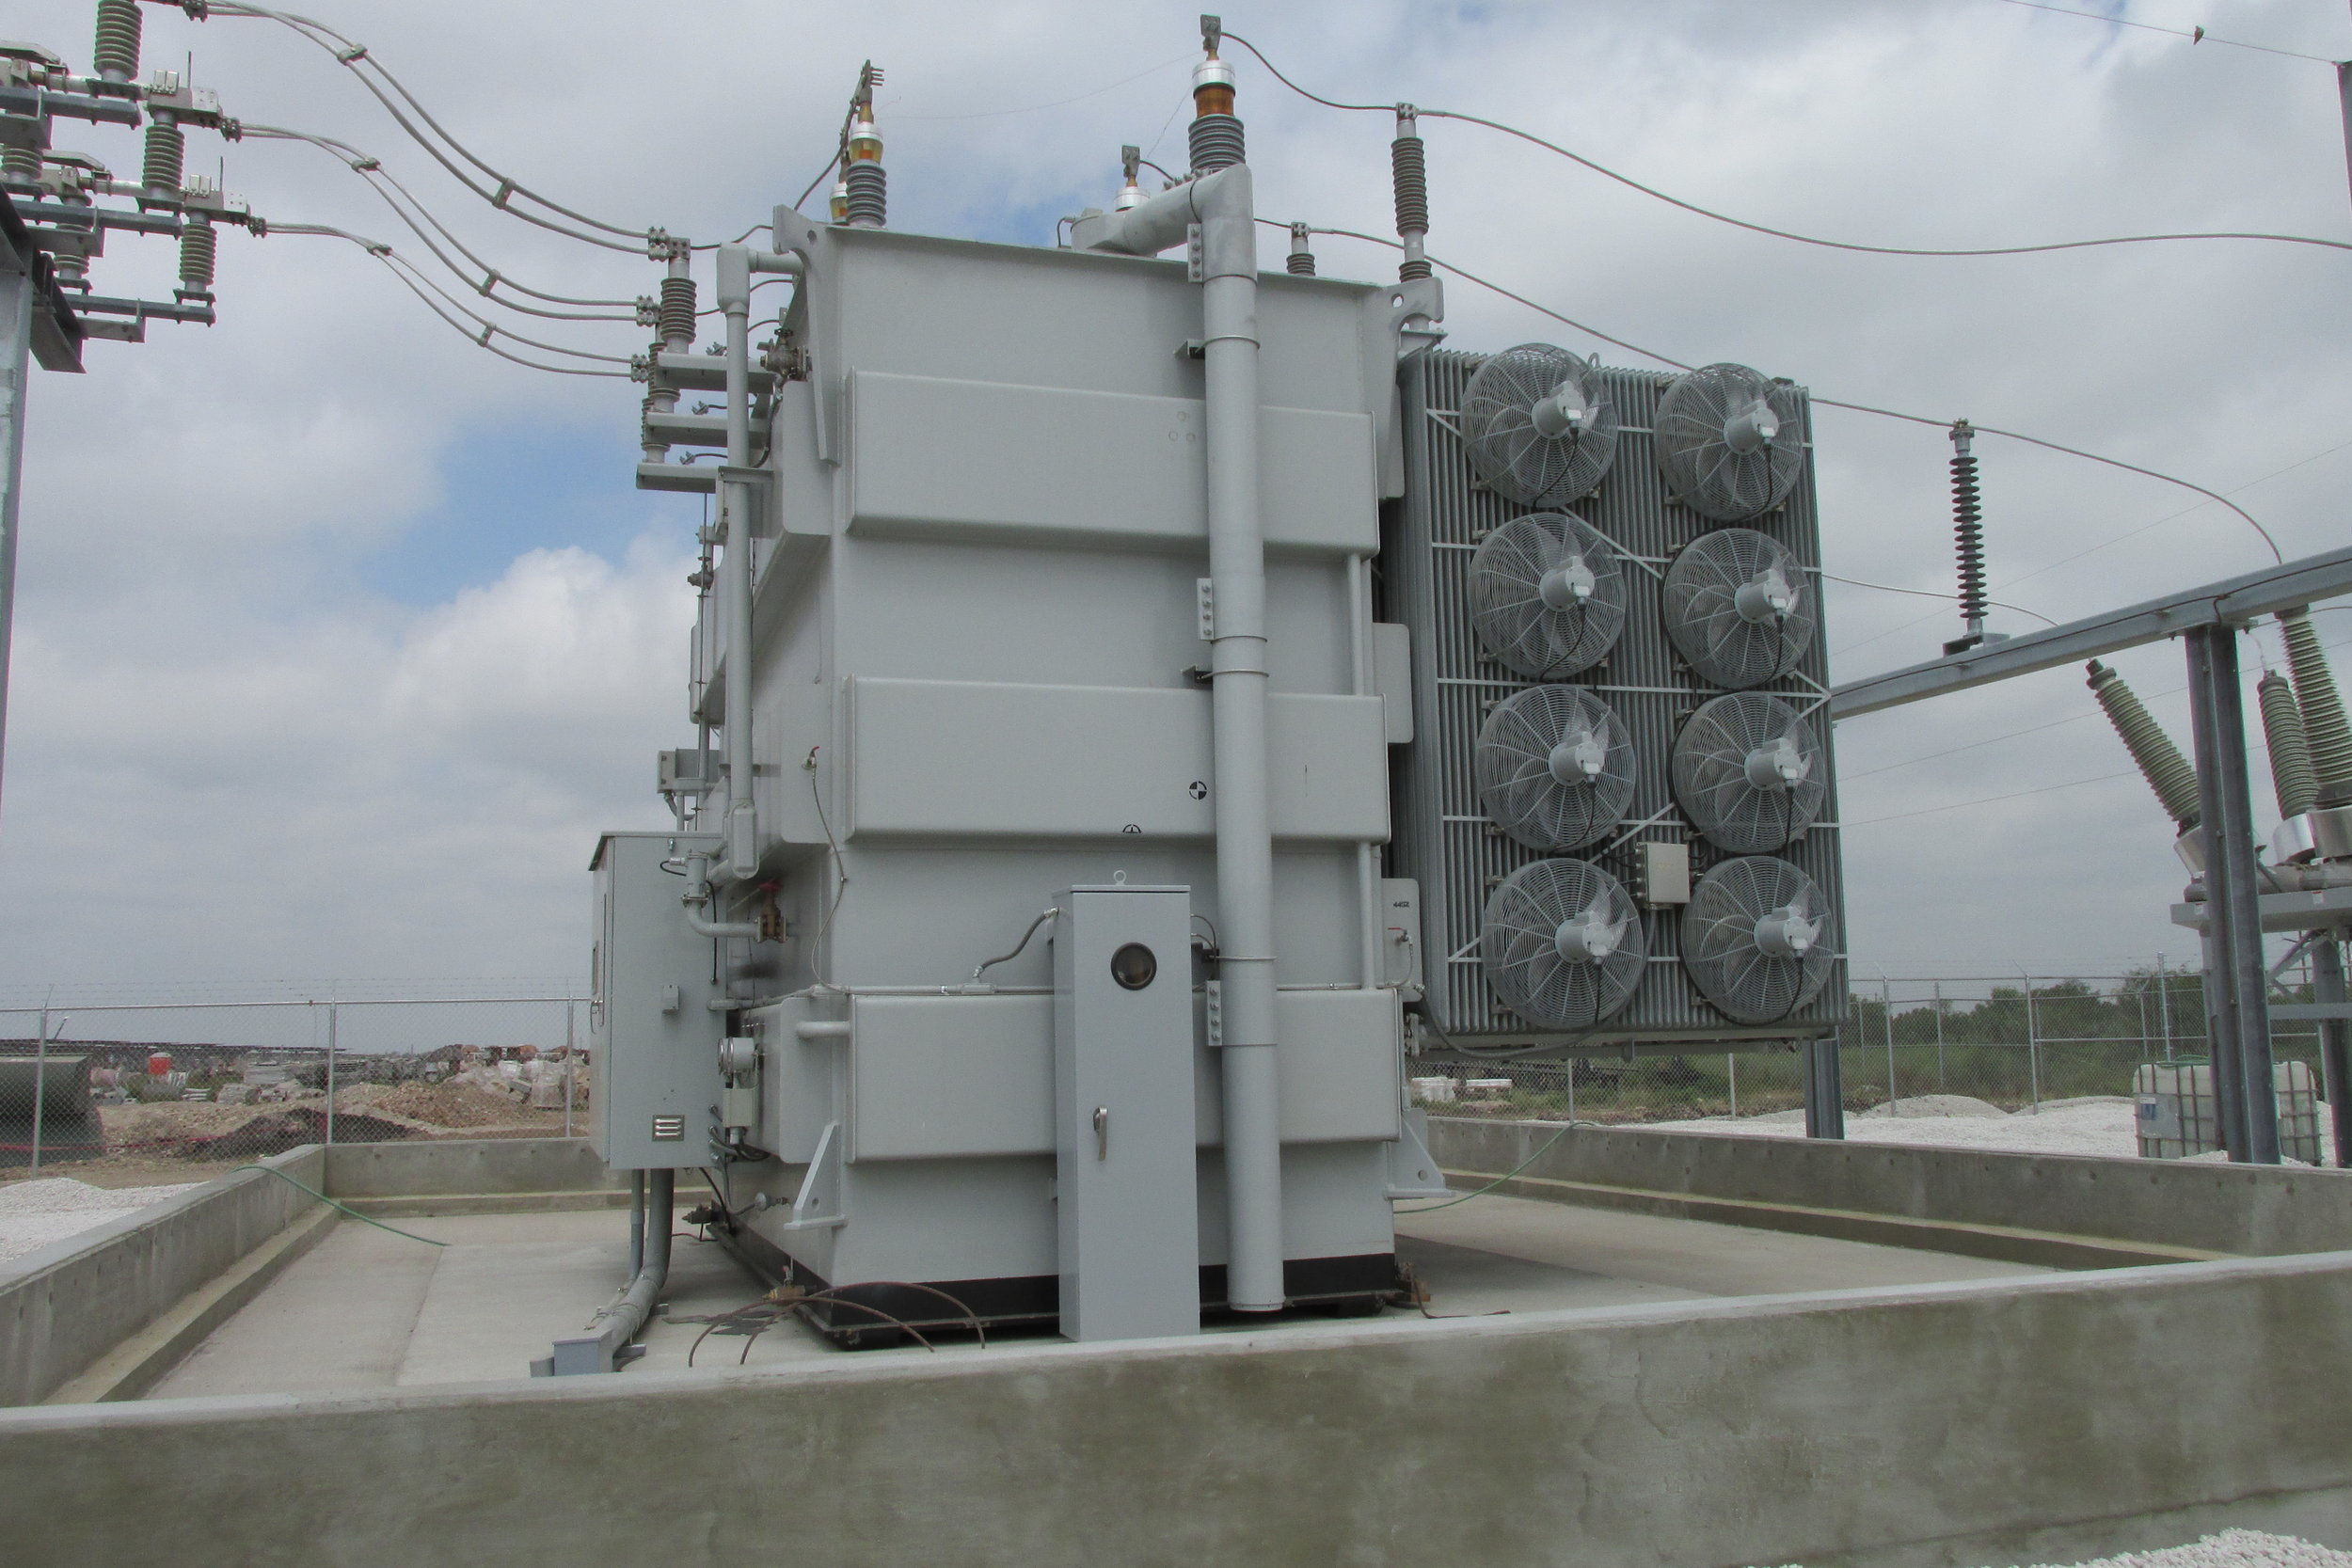 Alamo 1-9 Solar Projects - Substation